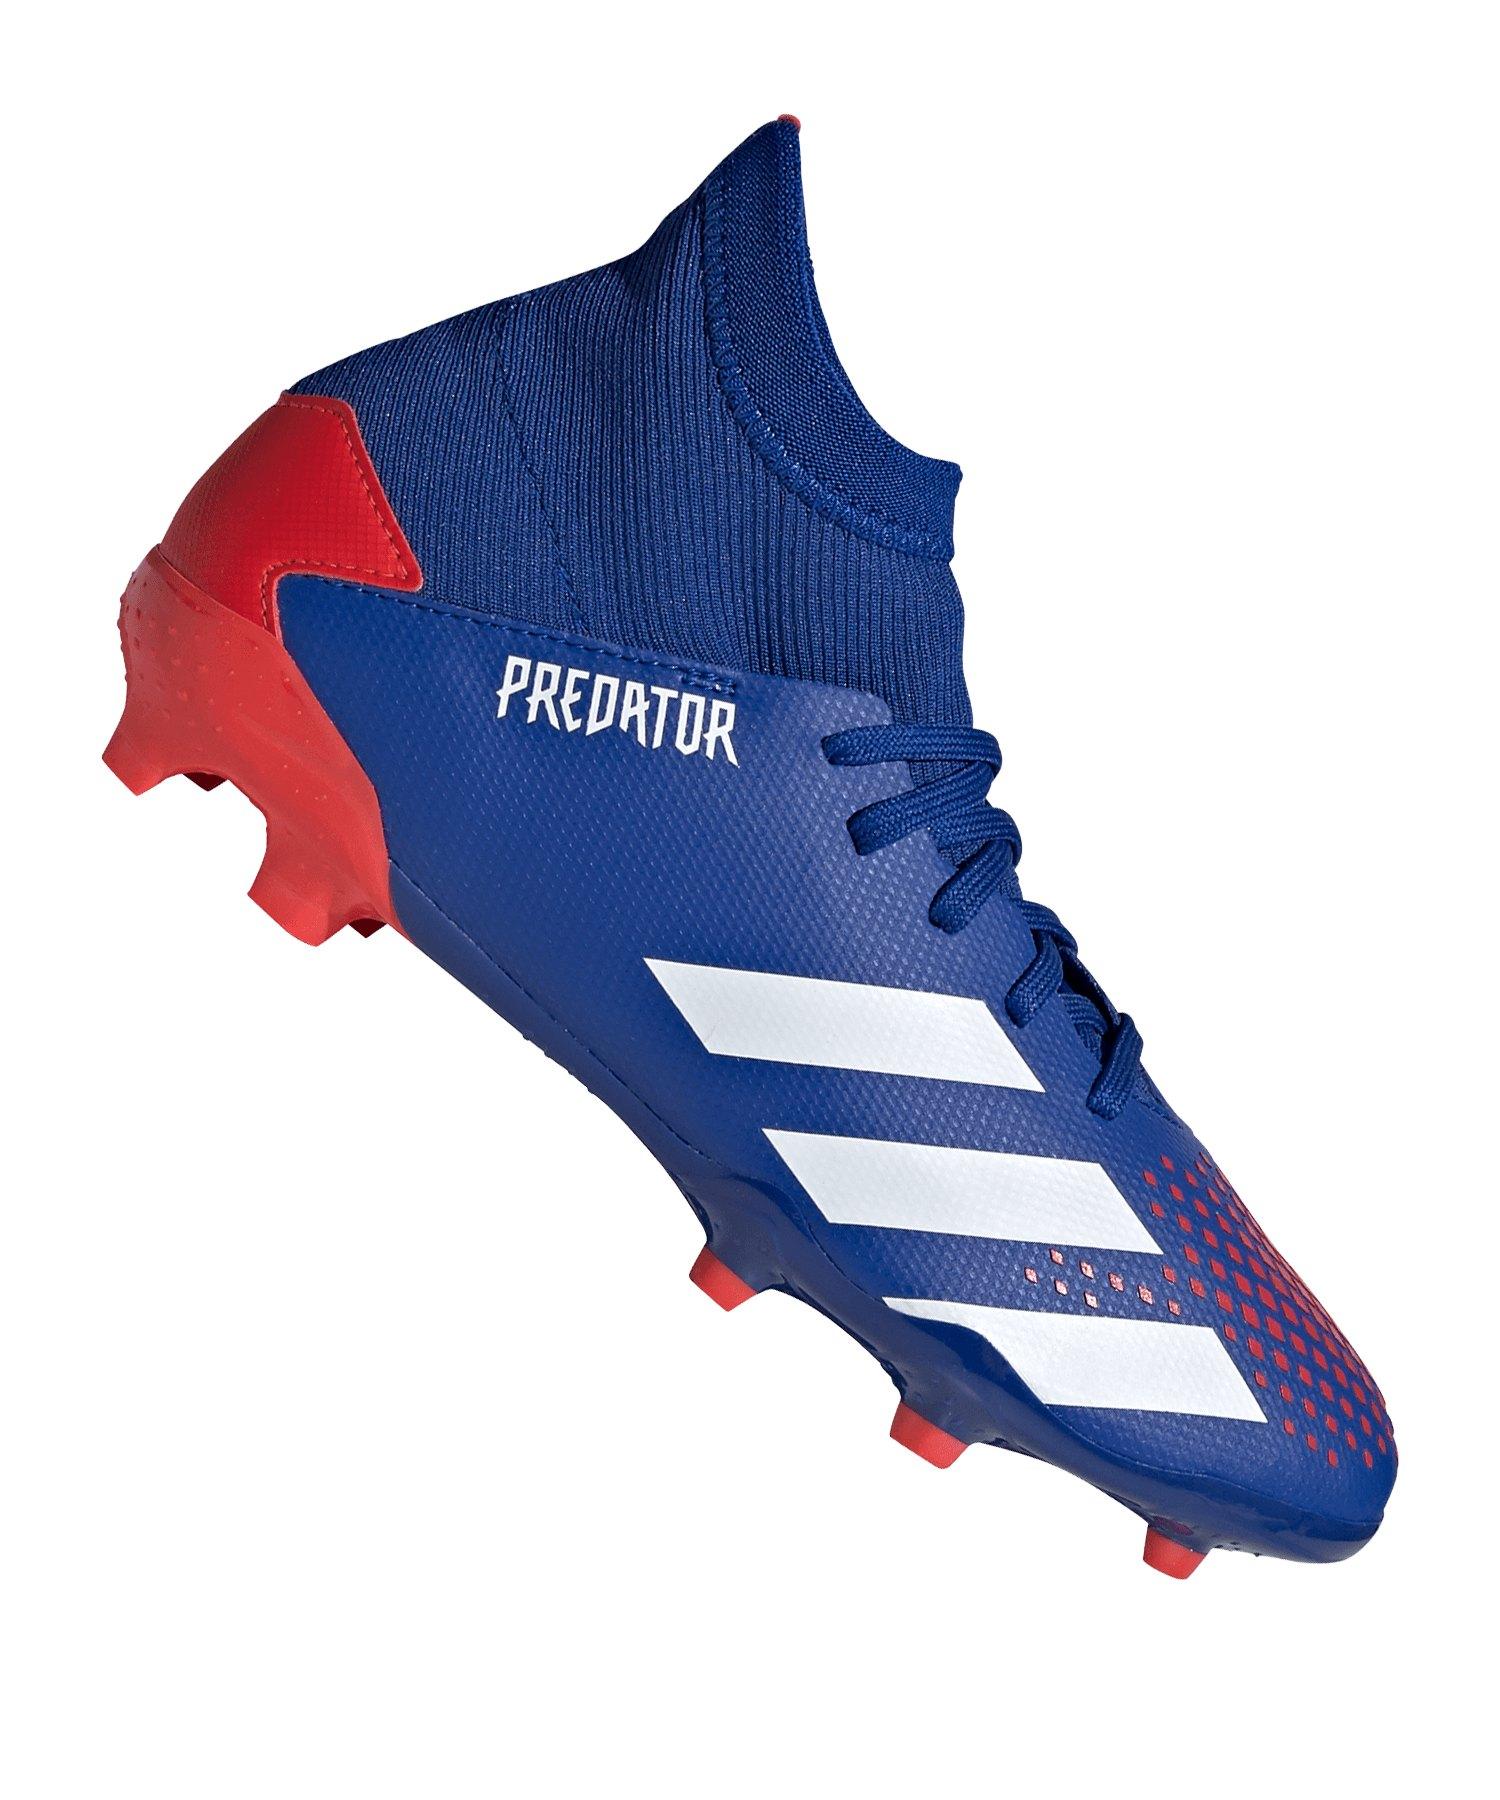 adidas Predator 20.3 FG J Kids Blau Rot - blau